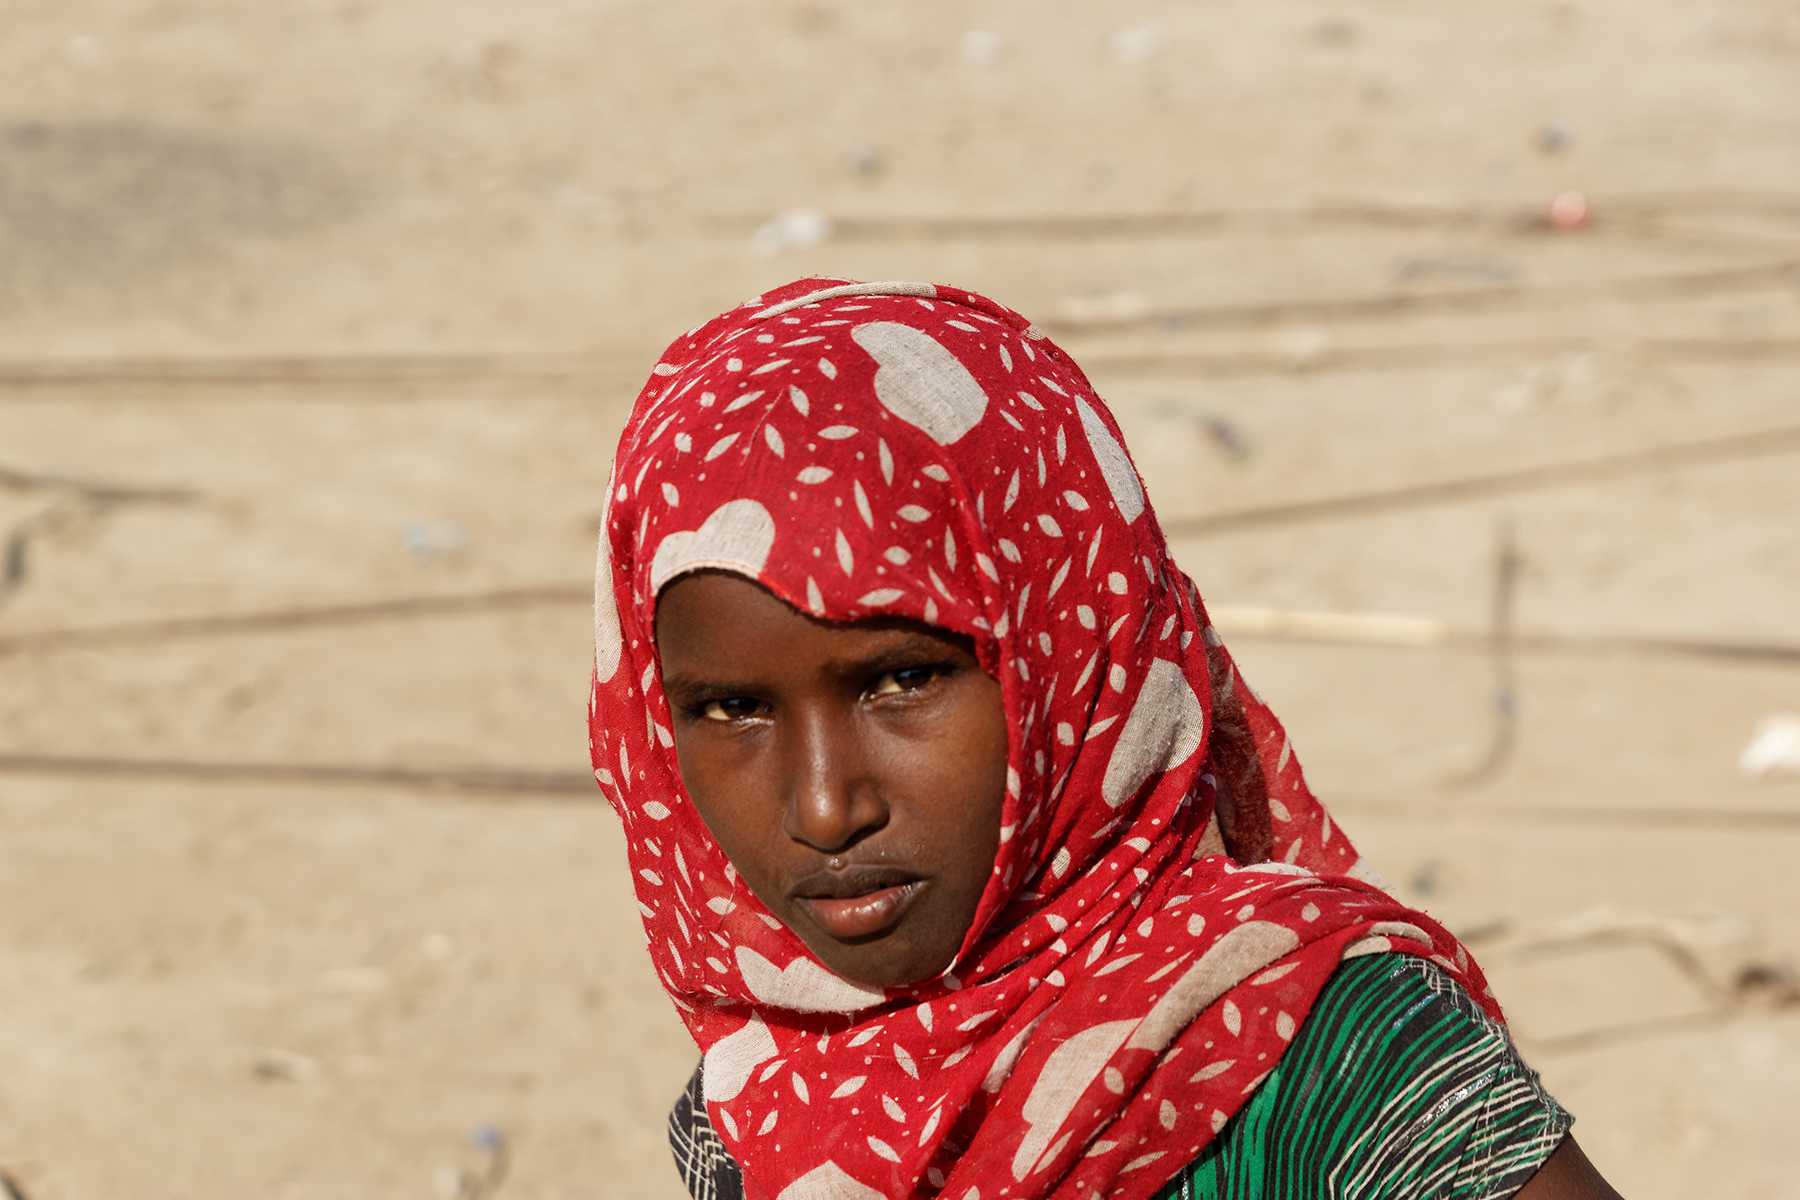 Ethiopie enfant 1